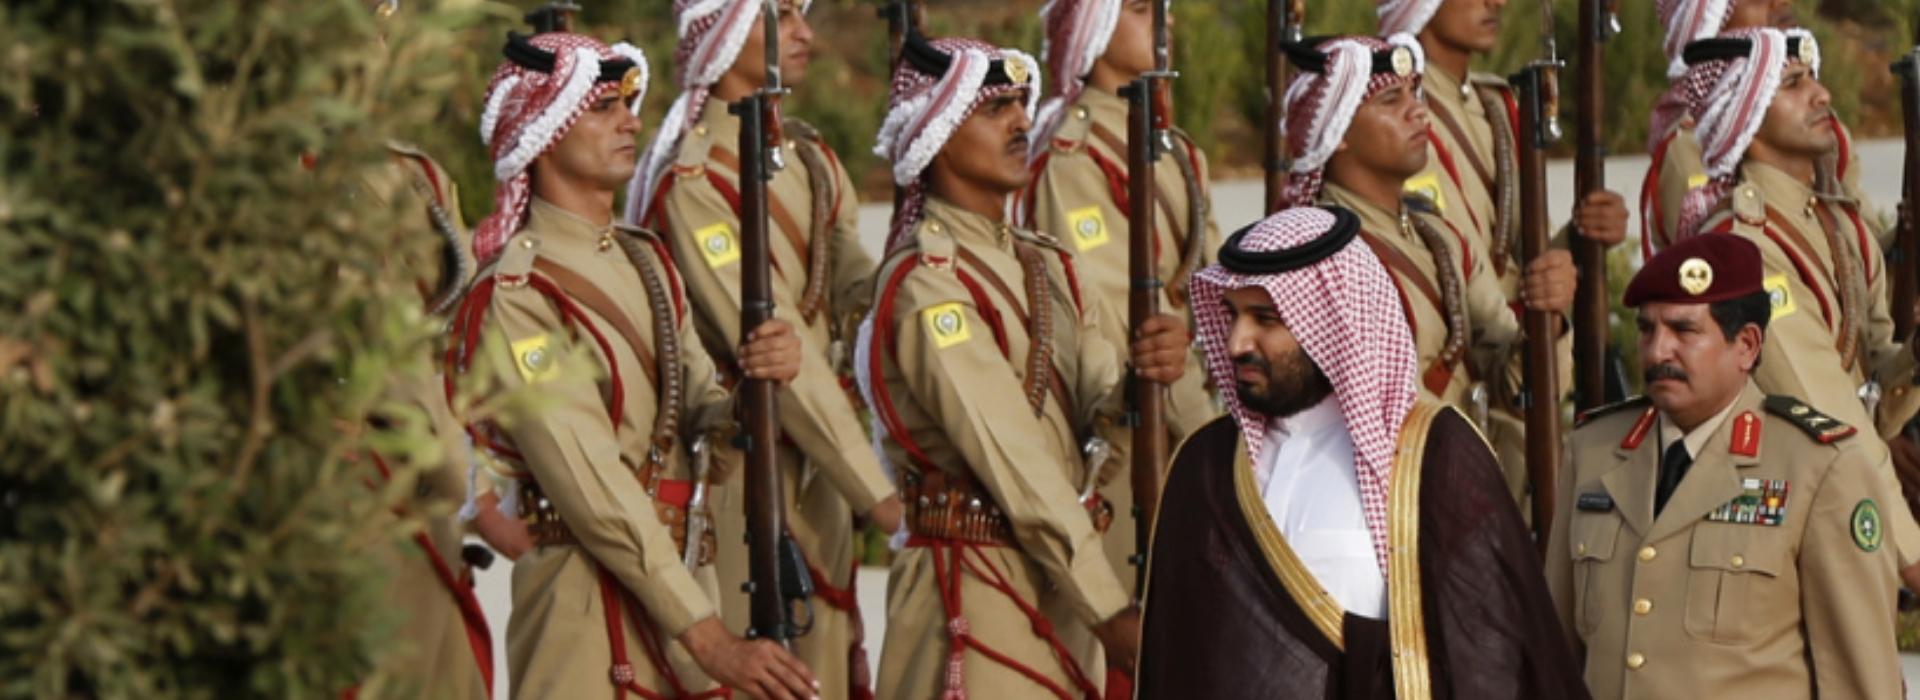 Arabia Saudita: 10 cose da sapere sul regno della crudeltà